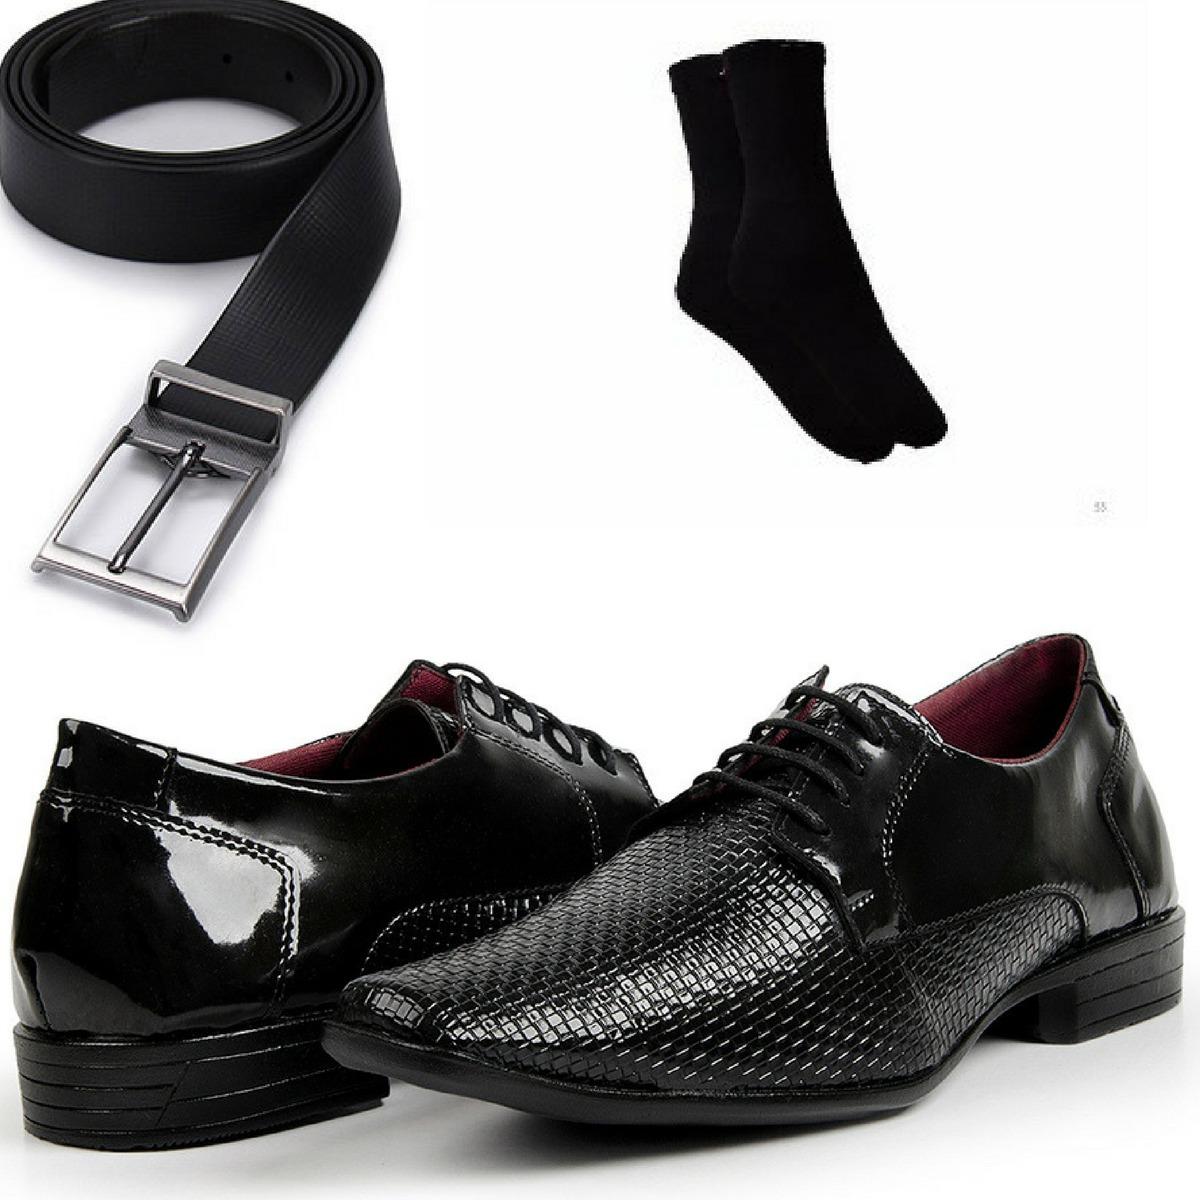 ef752e18b sapato social masculino barato promoção aproveite brindes. Carregando zoom.